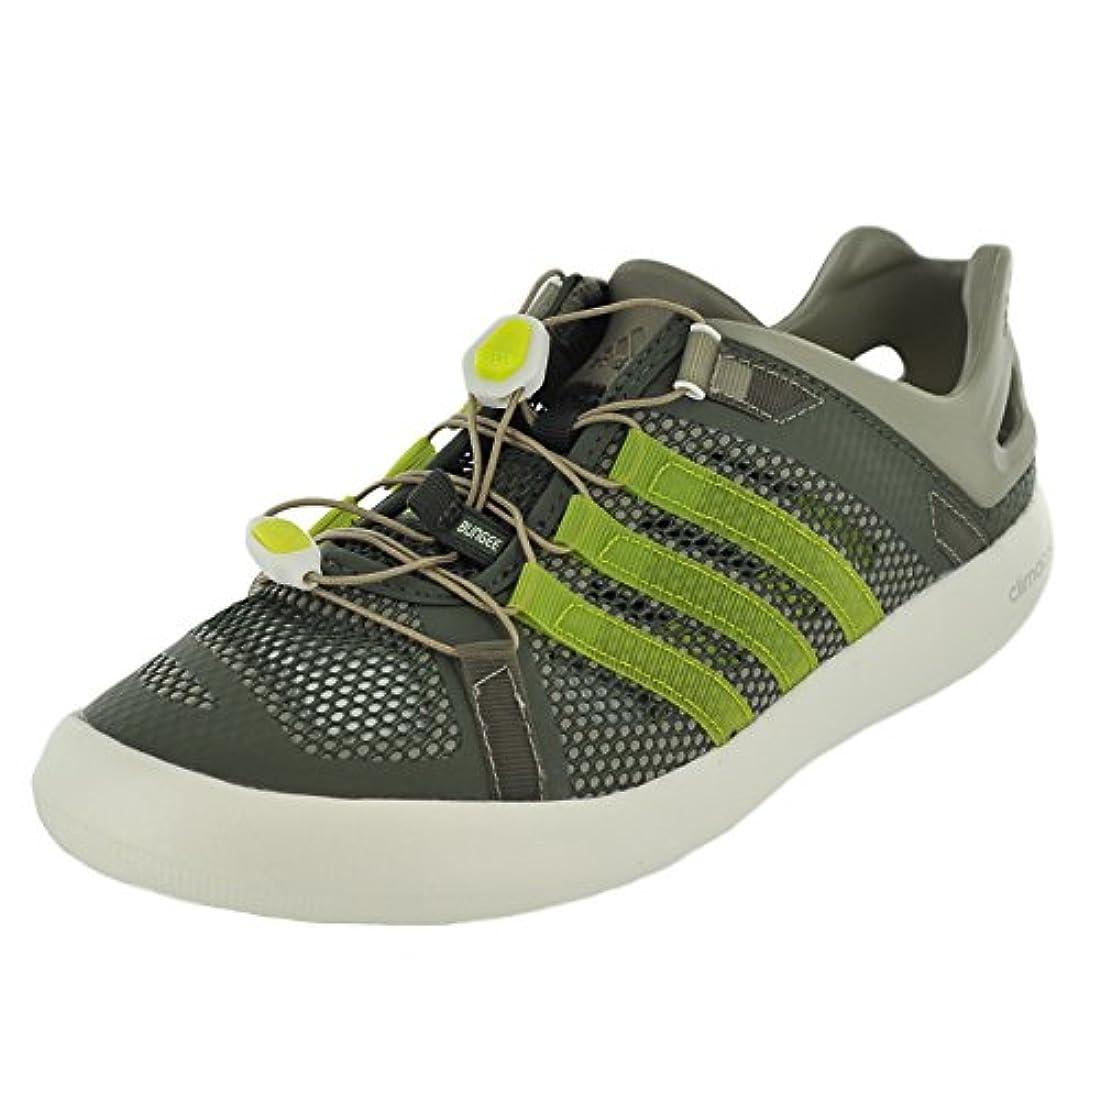 Adidas Outdoor Men S Terrex Climacool Boat Water Shoe